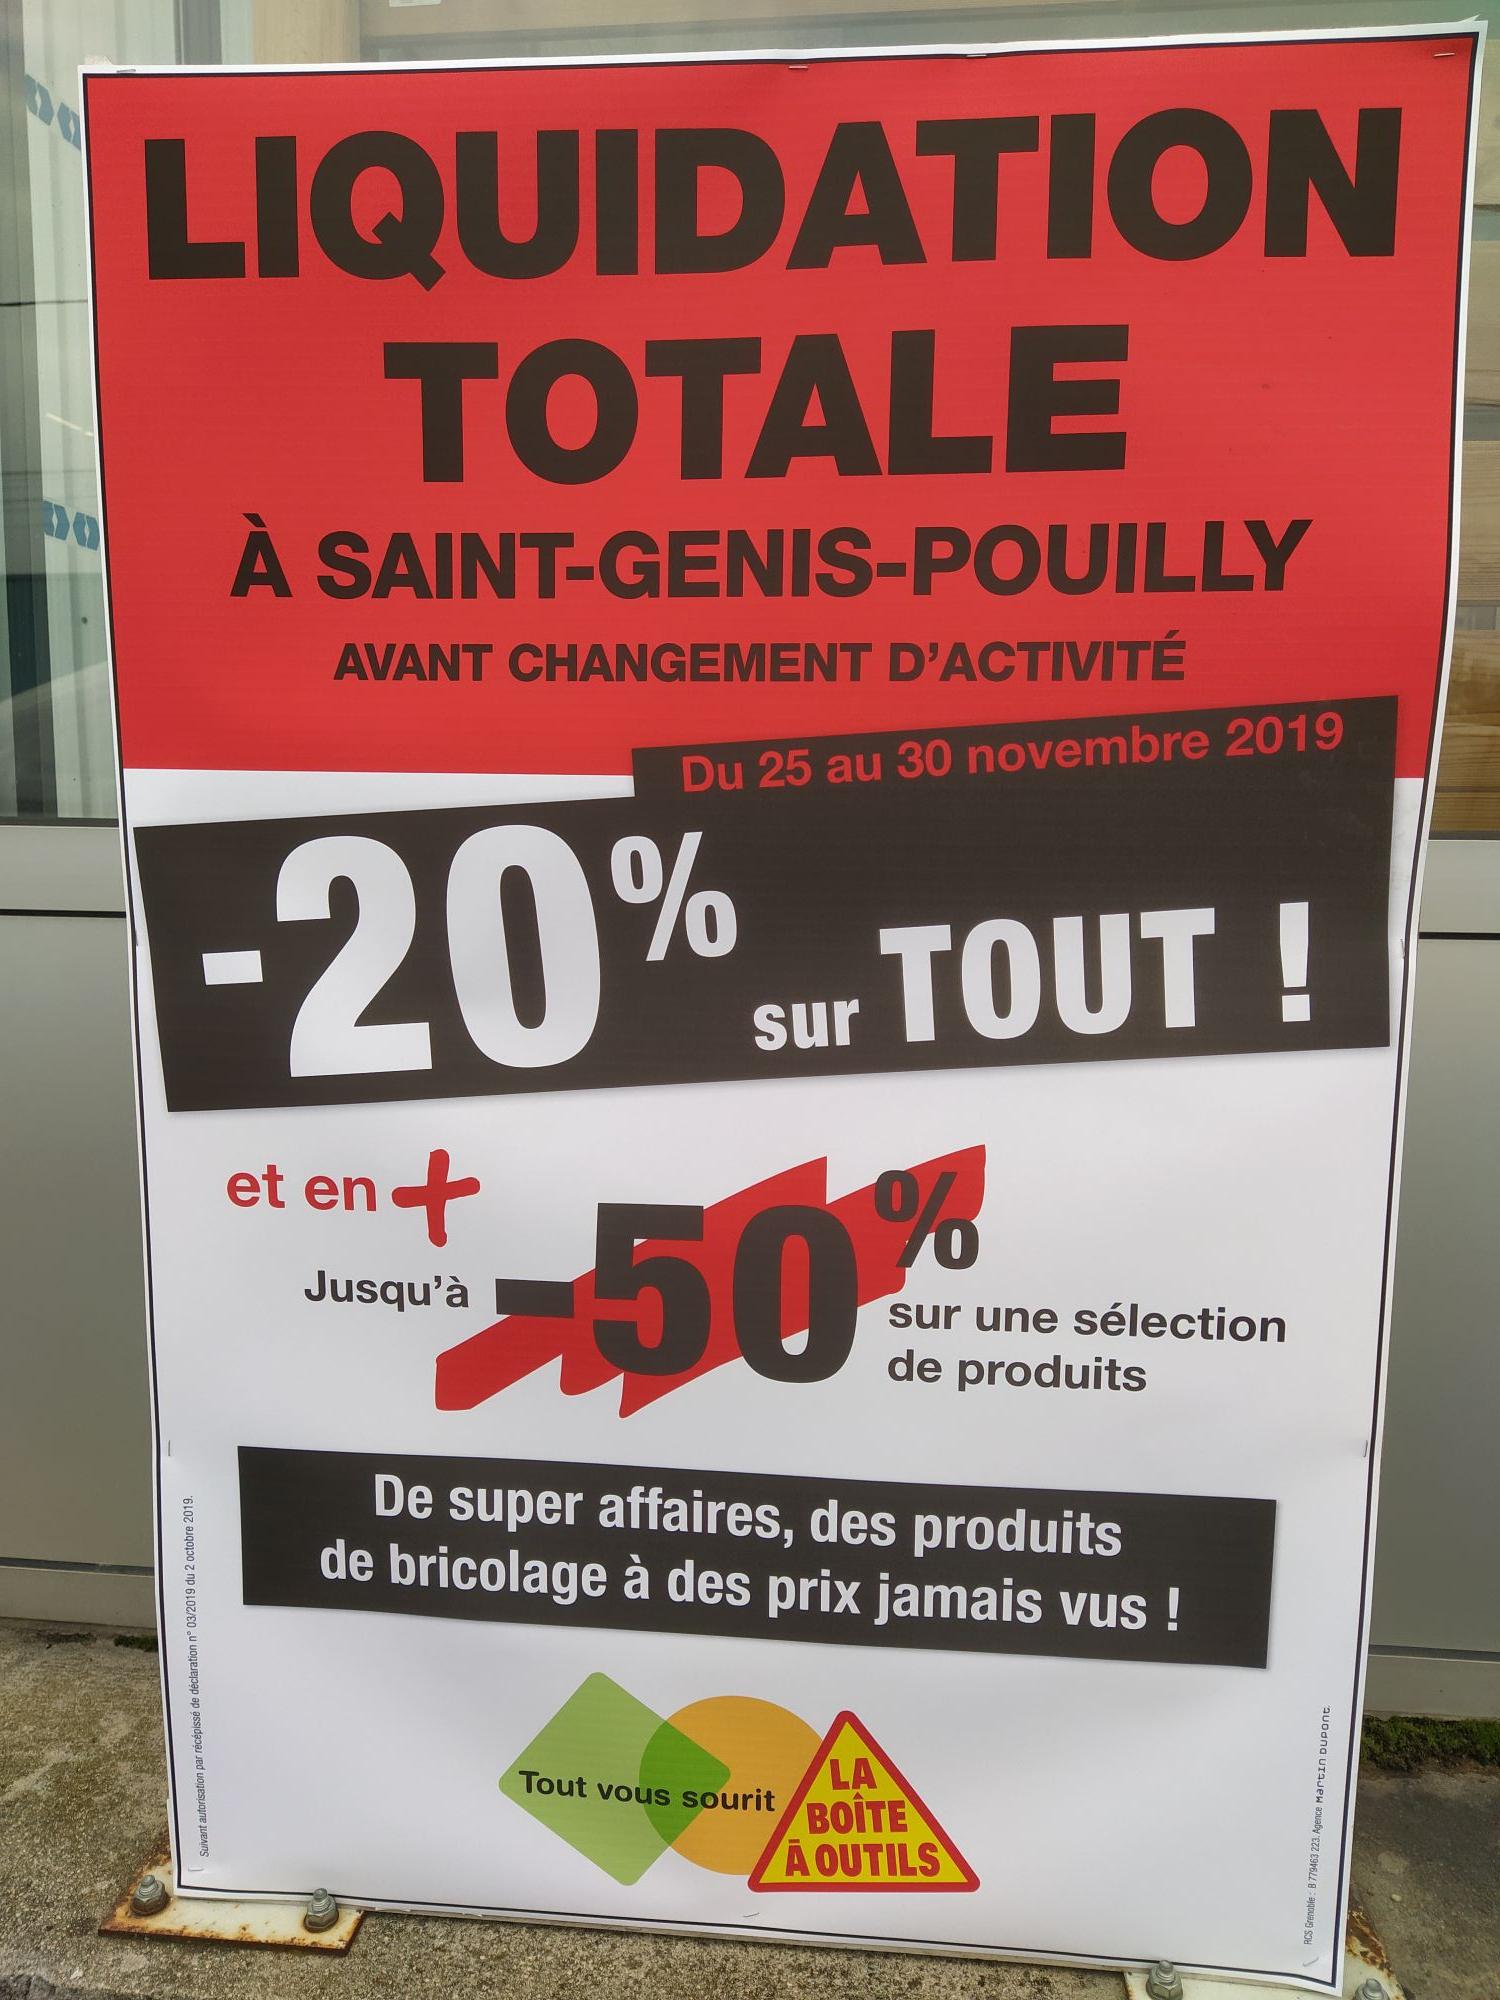 30% de réduction sur tout et 50% sur les produits signalés - Boîte à outils saint-genis-pouilly (01)